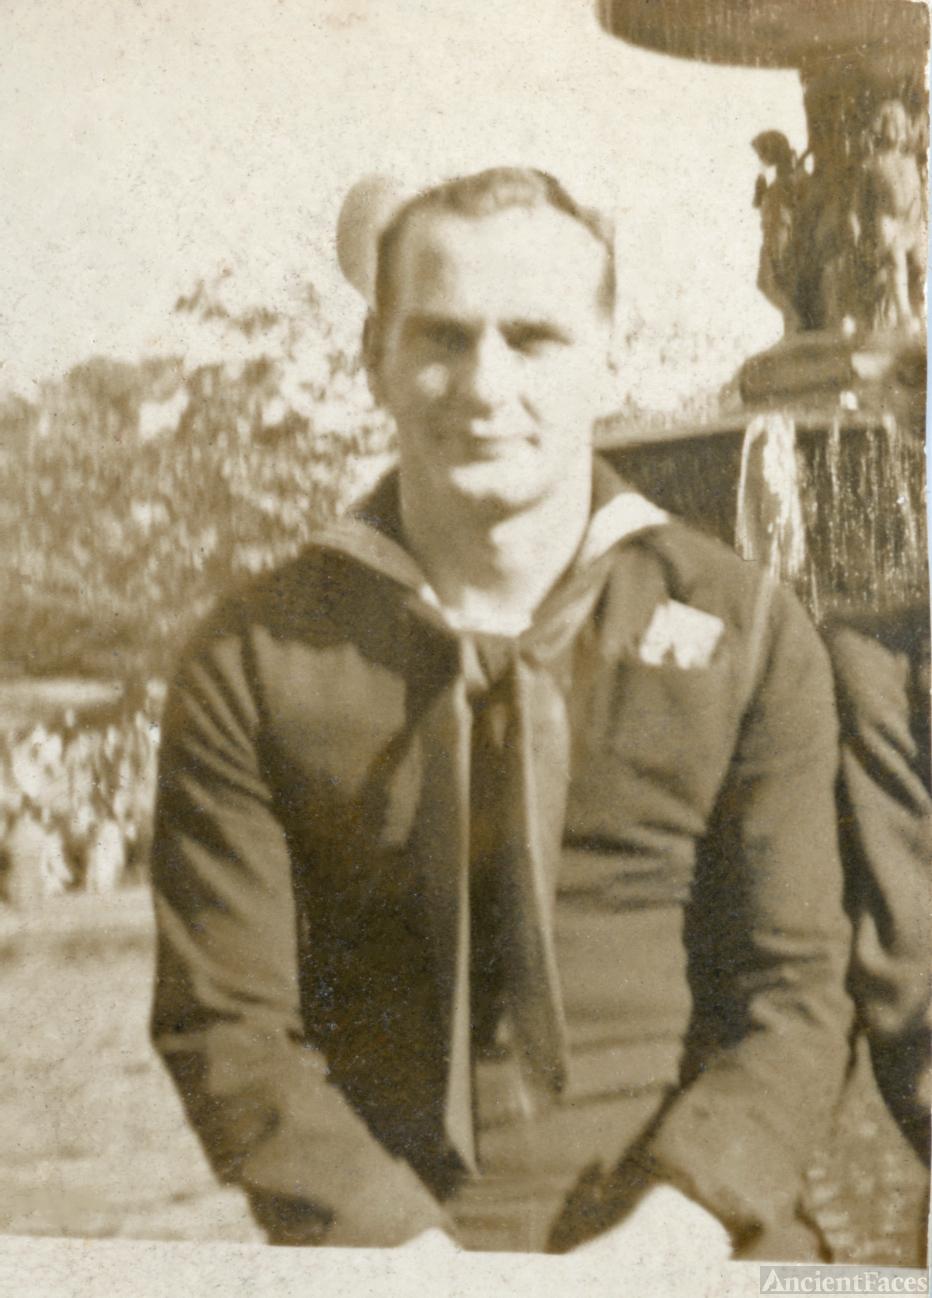 Alan Gregory, U.S. Navy WWII